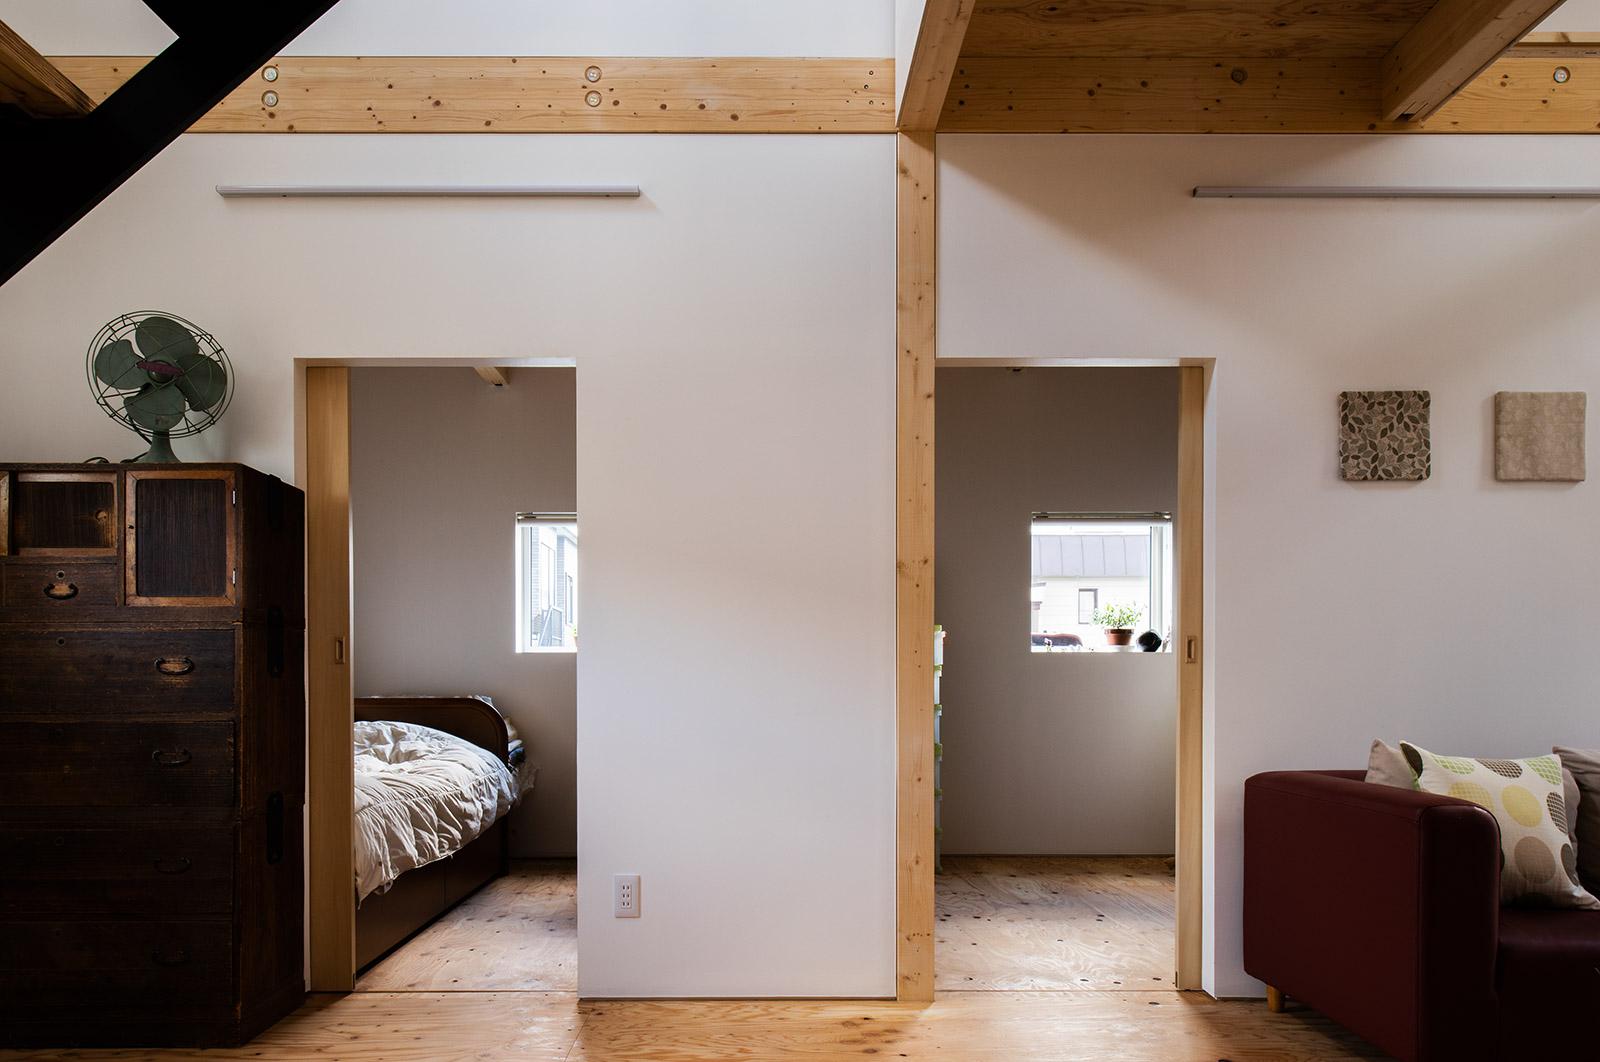 リビングに隣接して左にお母さん、右にTさんの寝室をレイアウト。いずれも4畳半、ベッドと最小限の造作収納のみが置ける広さ